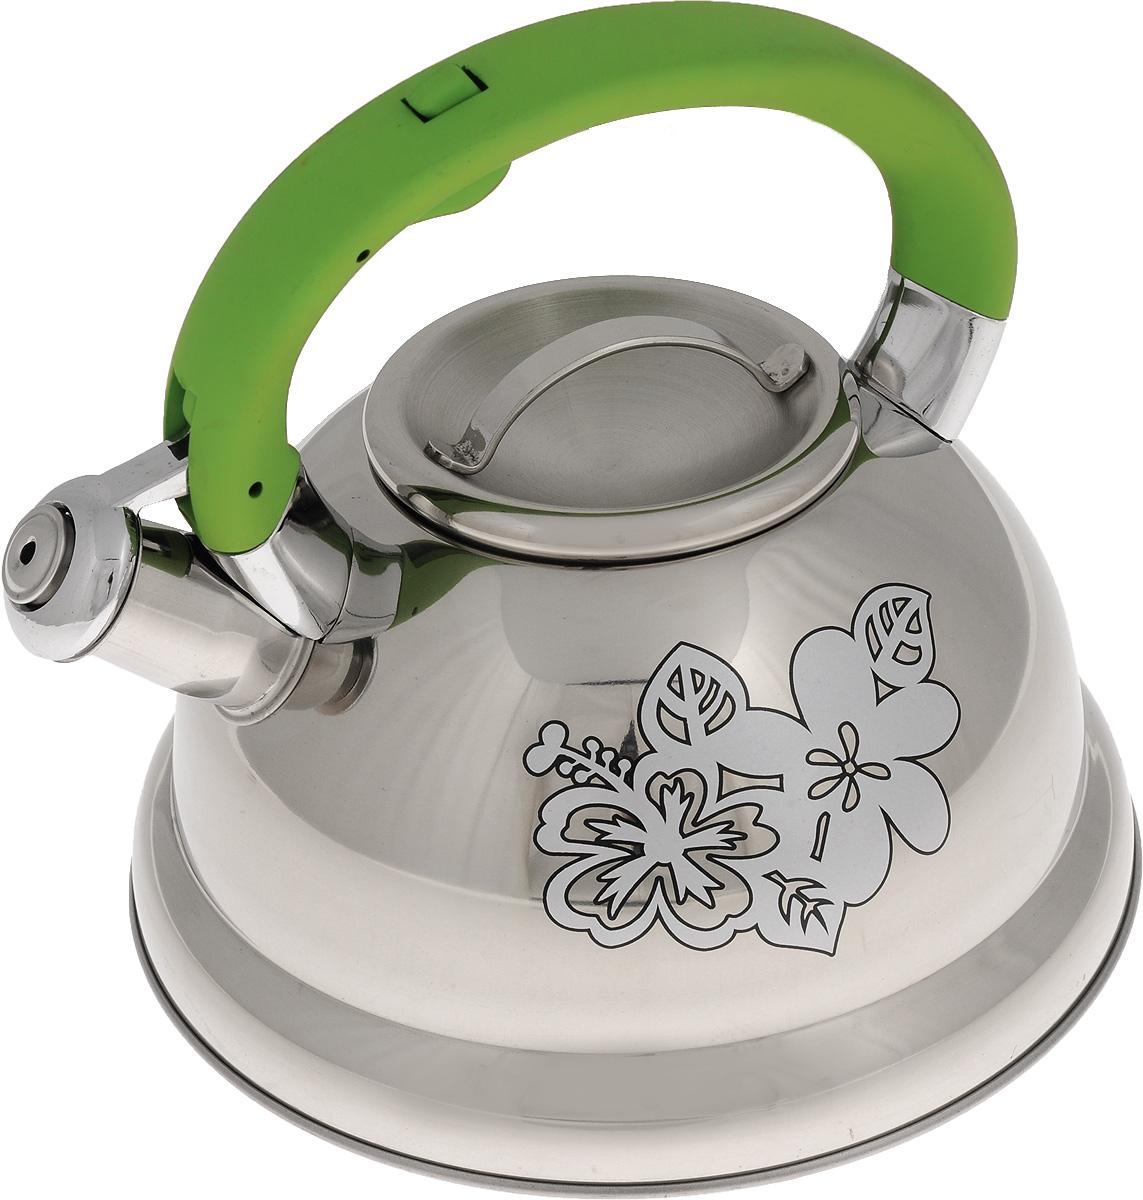 Чайник Mayer & Boch, со свистком, цвет: стальной, зеленый, 2,6 л. 2278822788Чайник Mayer & Boch выполнен из высококачественной нержавеющей стали, что обеспечивает долговечность использования. Изделие оформлено изящным рисунком, который одновременно является индикатором цвета - при нагревании рисунок на корпусе меняет цвет. Ручка из бакелита делает использование чайника очень удобным и безопасным. Чайник снабжен свистком и кнопкой для открывания носика. Эстетичный и функциональный чайник с эксклюзивным дизайном будет оригинально смотреться в любом интерьере. Пригоден для использования на газовых, электрических, стеклокерамических и индукционных плитах. Можно мыть в посудомоечной машине.Диаметр чайника по верхнему краю: 10 см. Высота чайника (с учетом ручки): 20 см. Высота чайника (без учета ручки): 11,3 см.